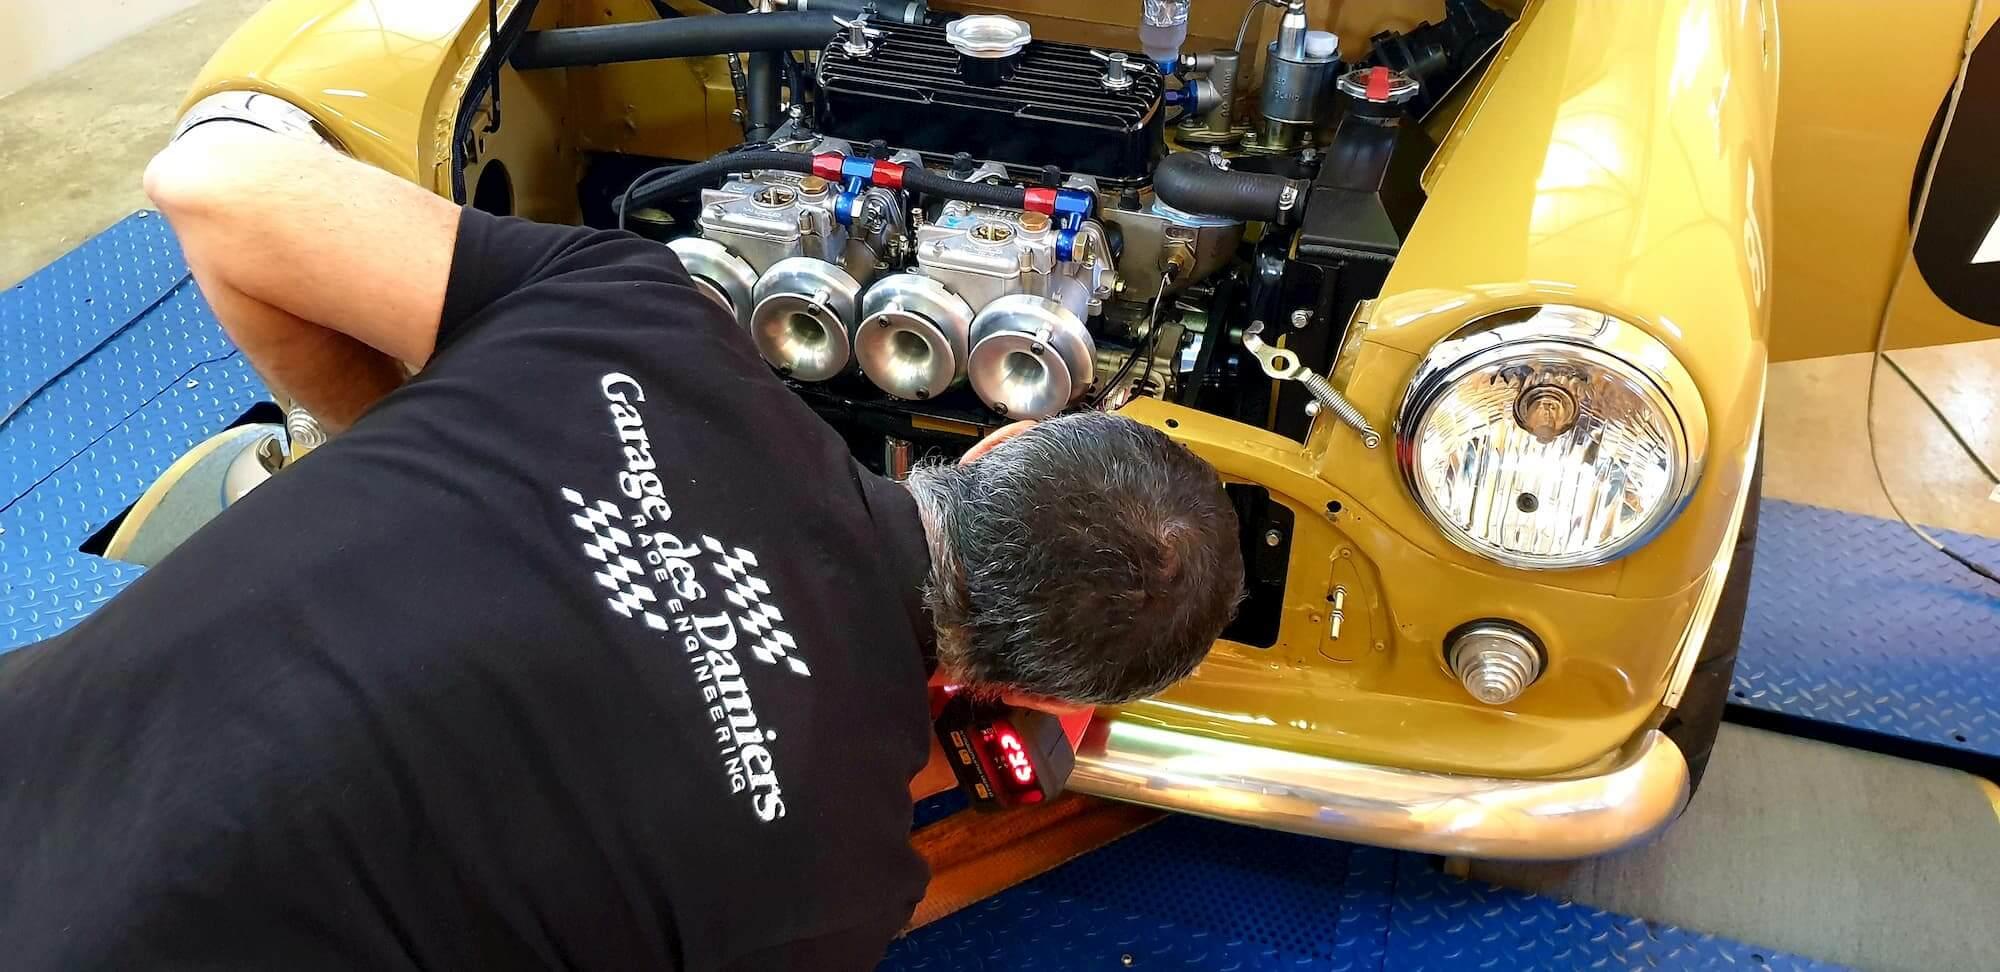 Mini Austin 1293cc sur le banc de puissance Rotronics - Old british car